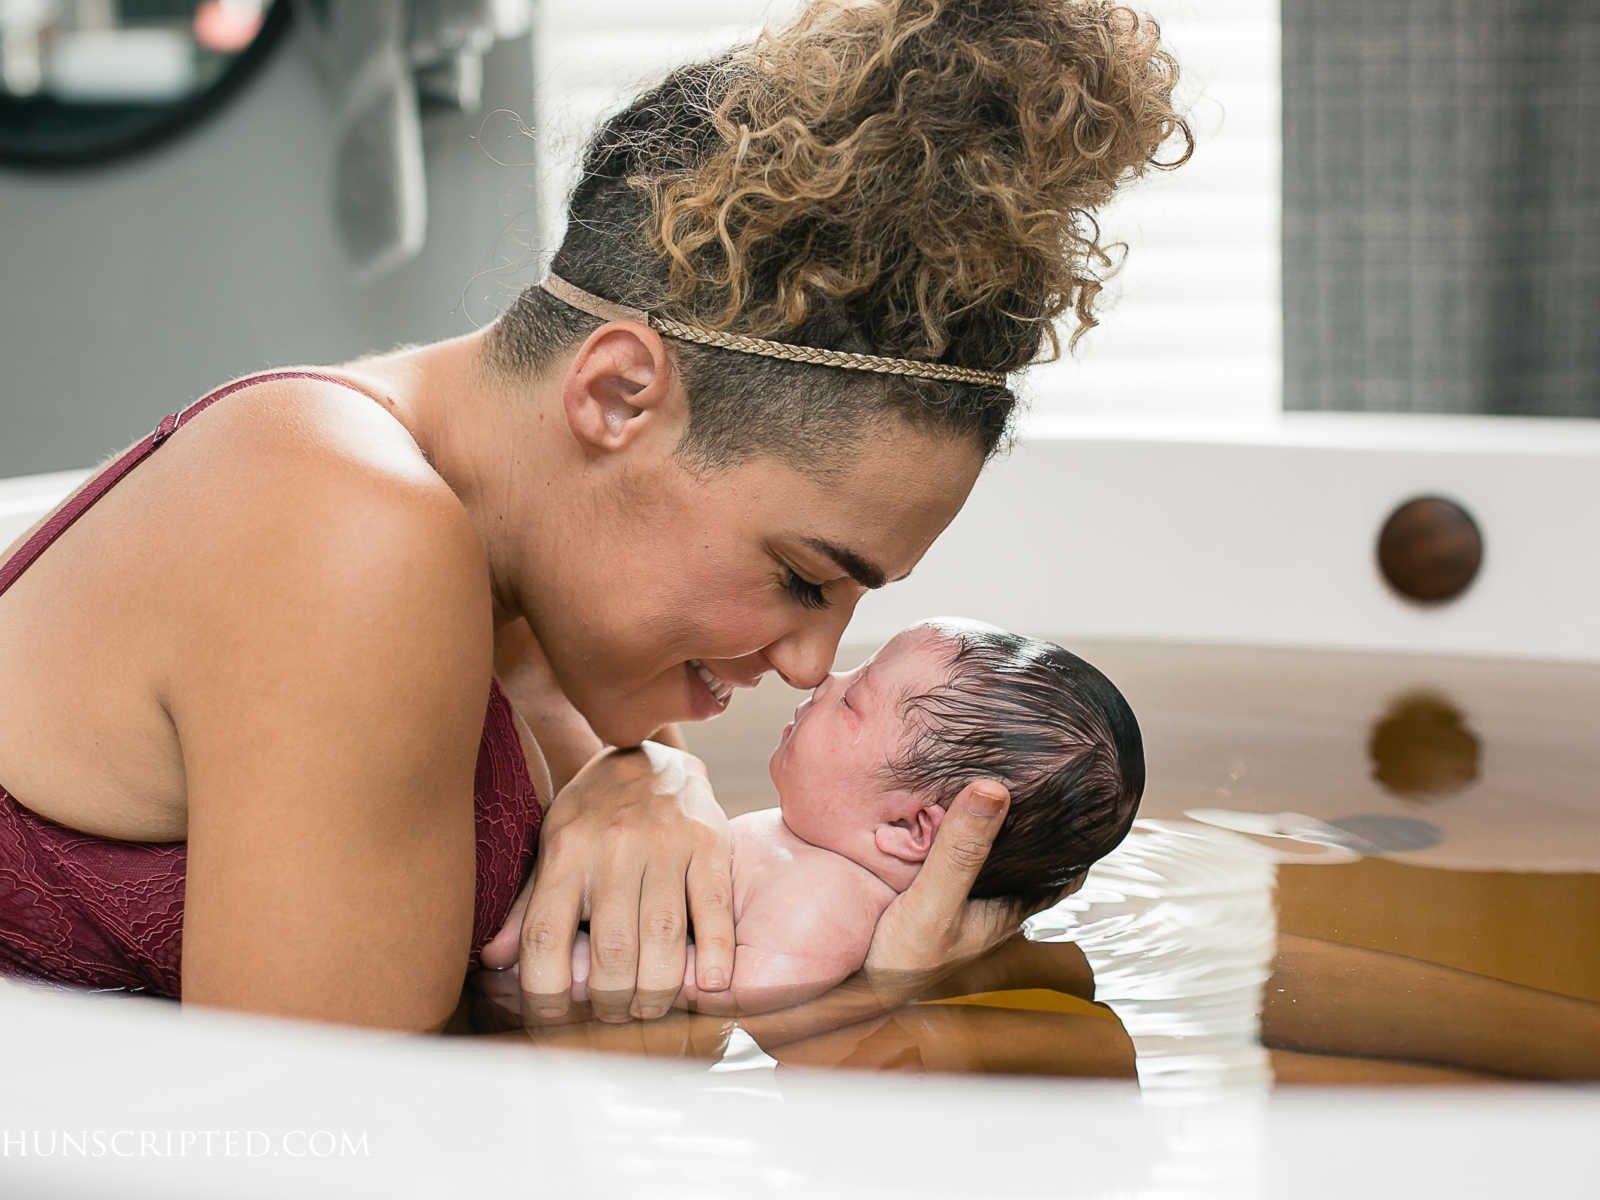 lwm 1004 1600x1200 - Cette famille qui accueille un nouveau bébé découvre qu'il est atteint de trisomie 21 et leur réaction va vous réchauffer le cœur.